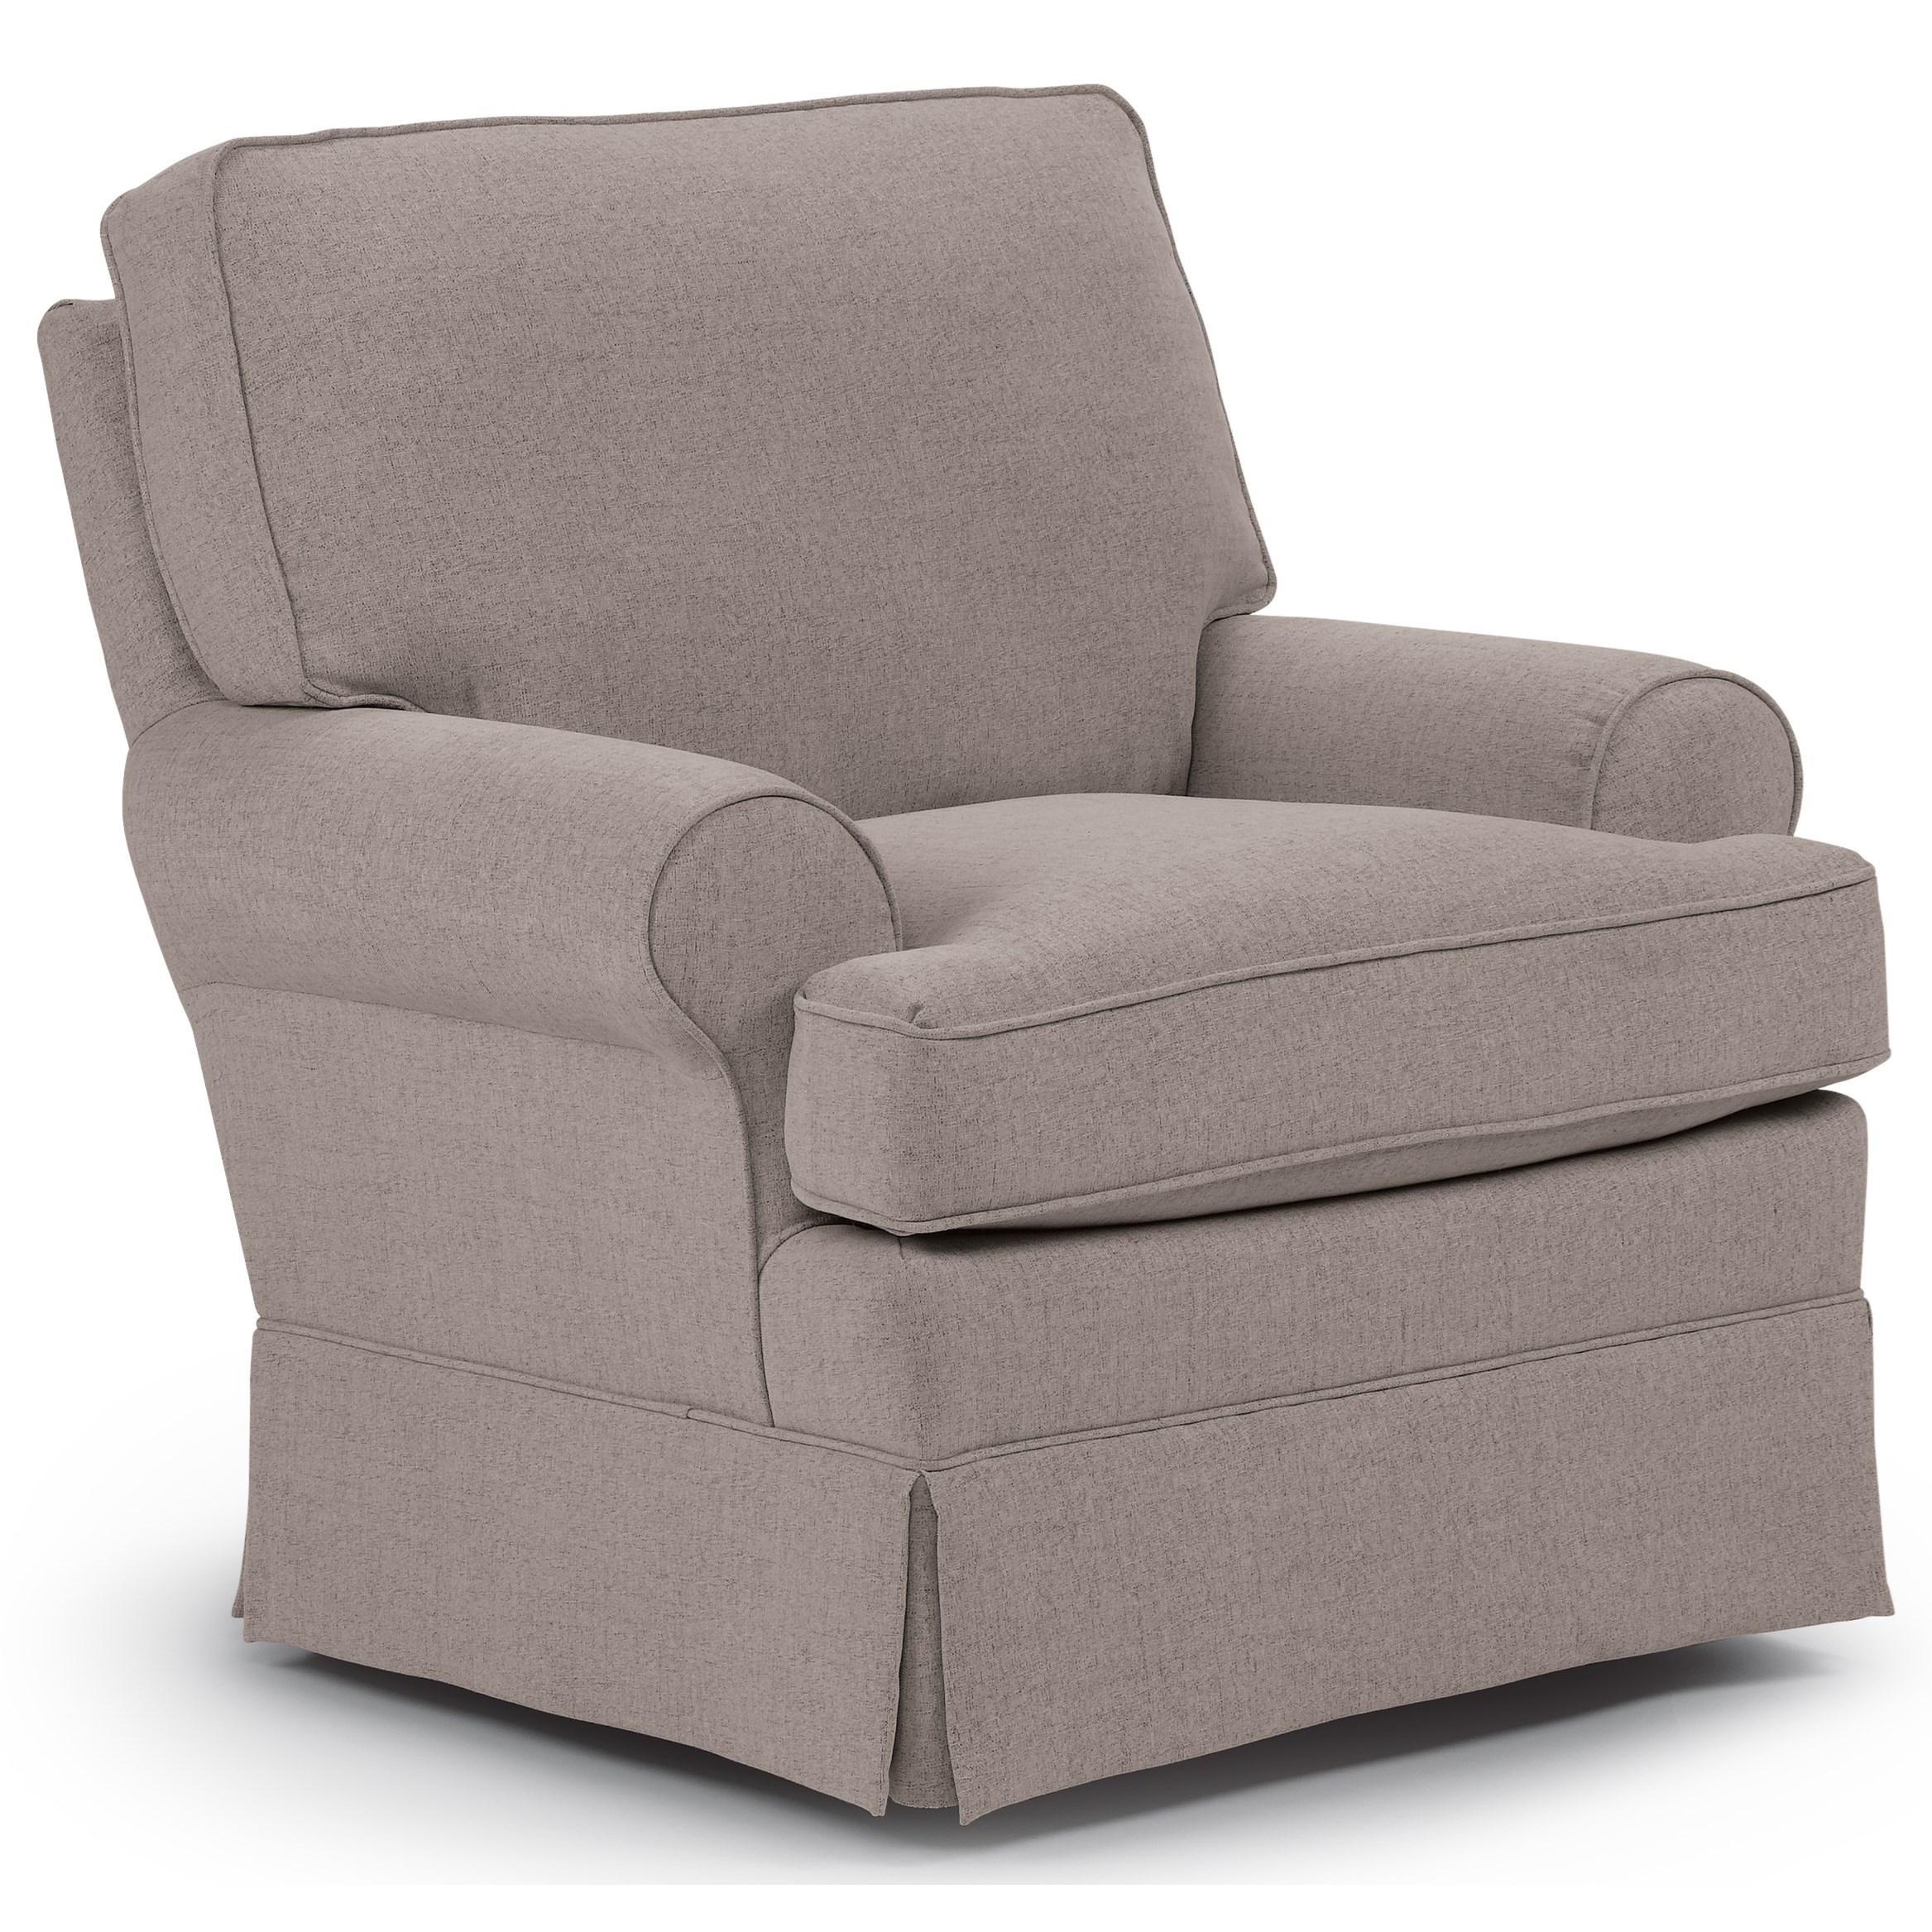 Best Home Furnishings Swivel Glide Chairs Quinn Swivel